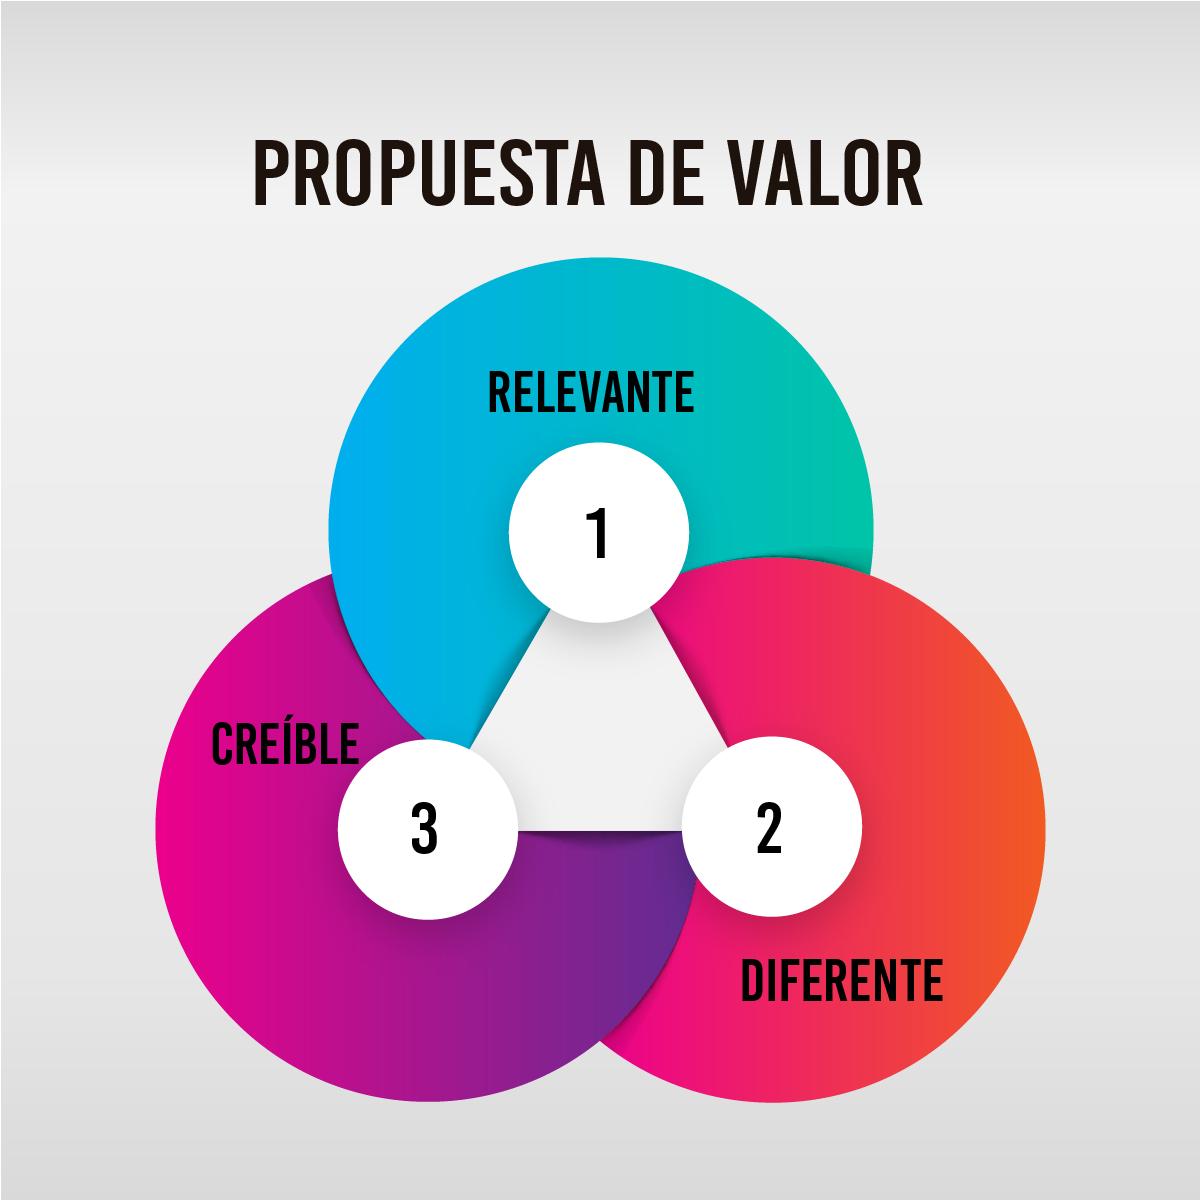 Los componentes de toda estrategia empresarial